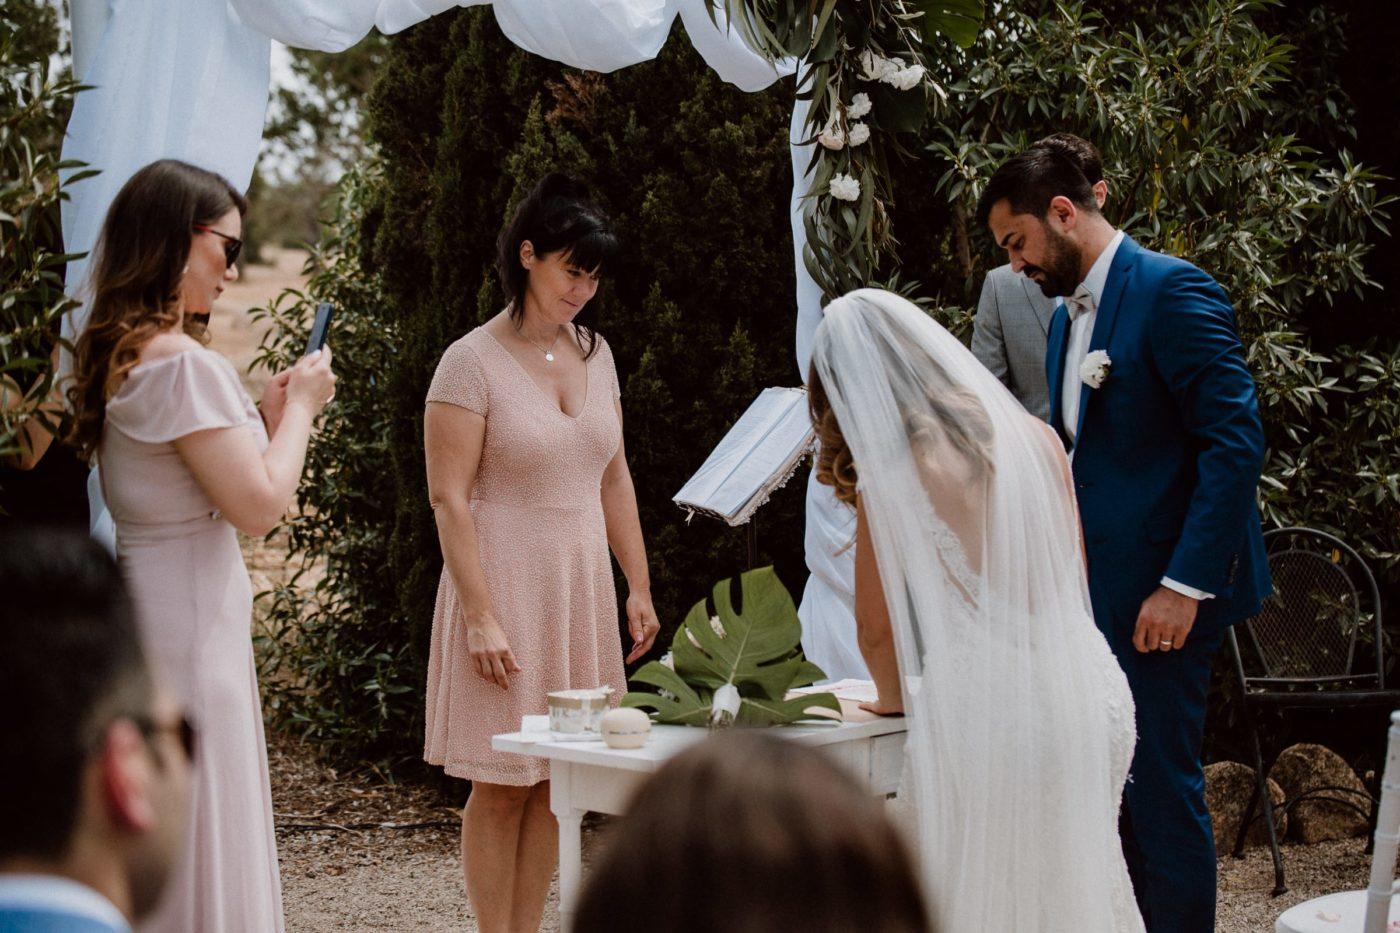 Das Brautpaar unterschreibt die symbolische Heiratsurkunde.